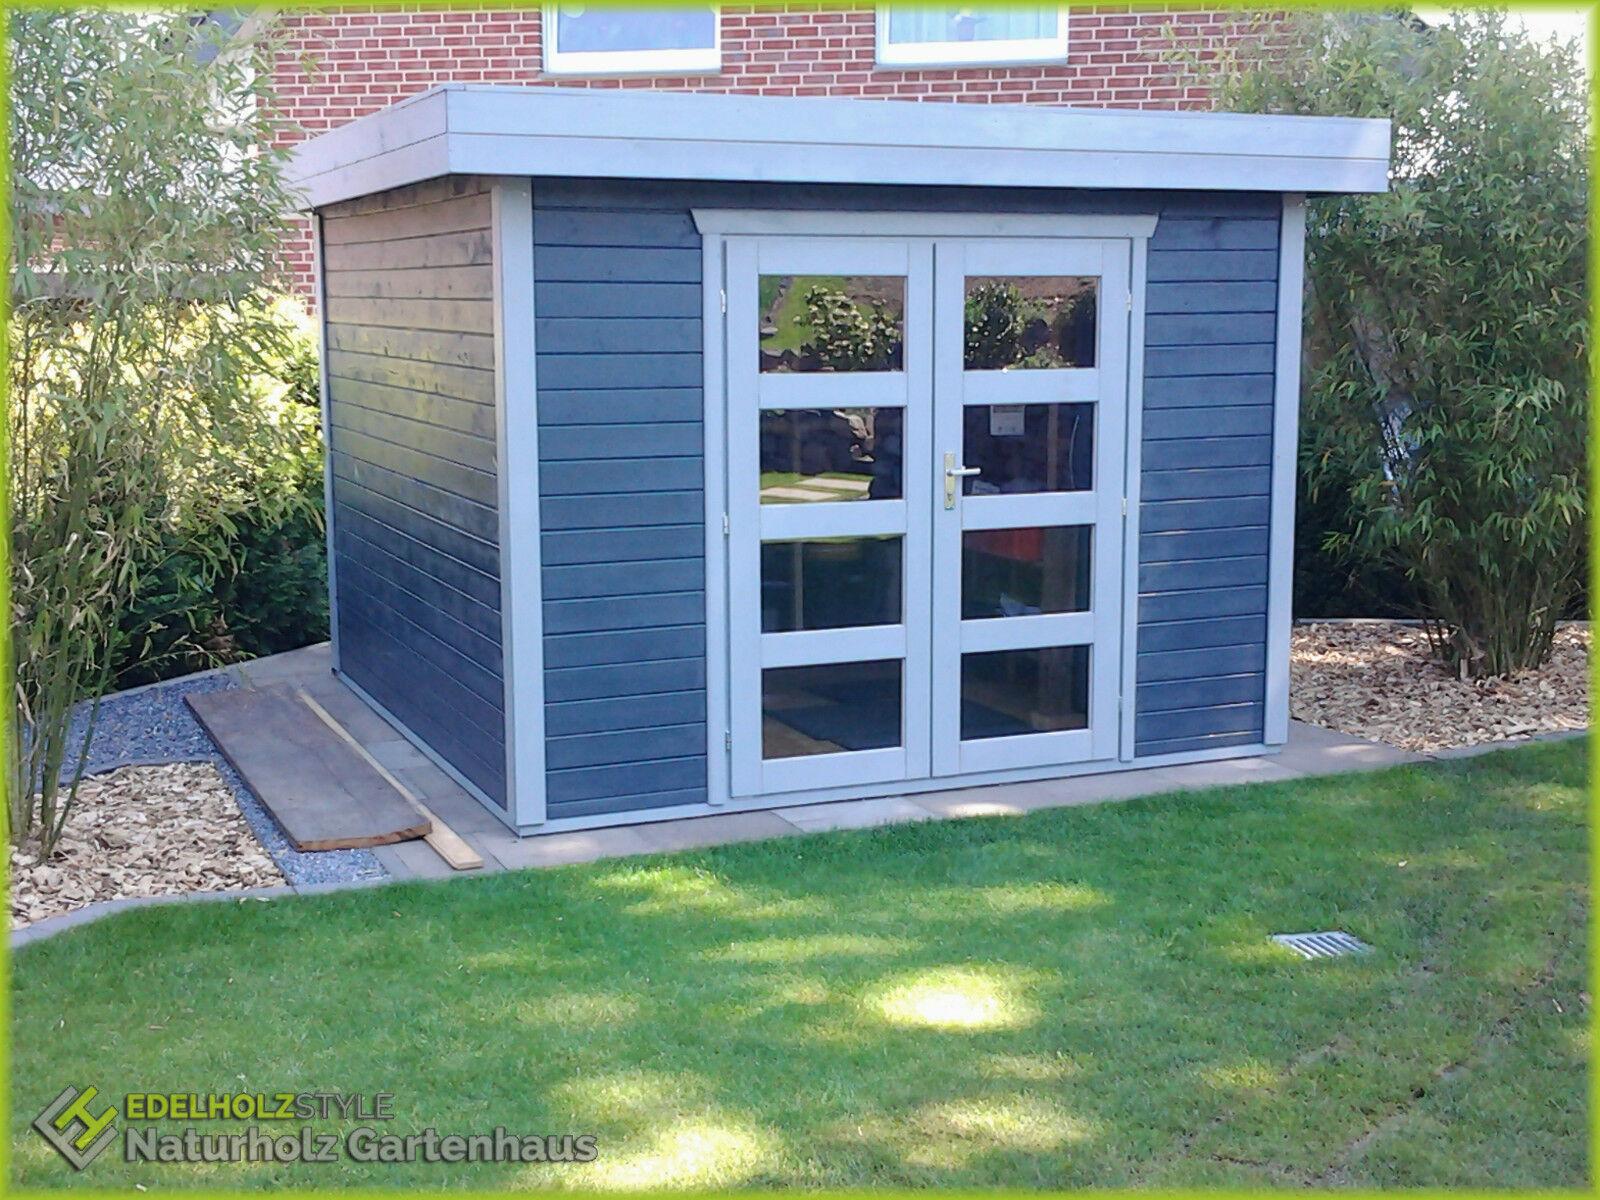 Flachdach Gartenhaus aus Holz, 3x3M, 28mm Holz, Kassel 28212OF   eBay